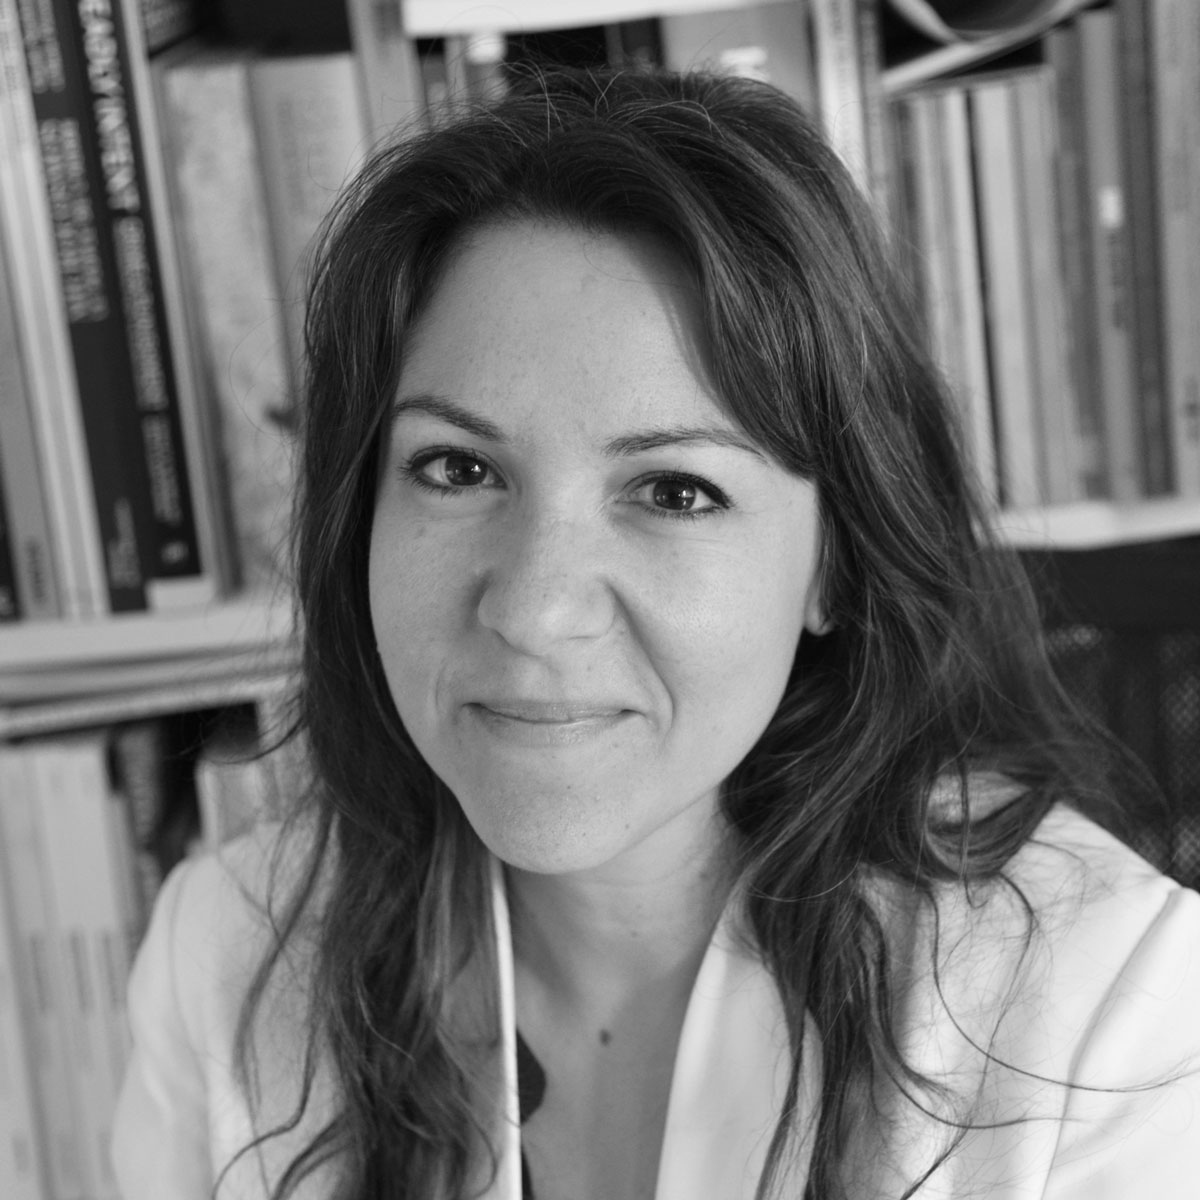 Ασπρόμαυρο πορτρέτο της Ηλιάνας Φωκιανάκη. Έχει μακριά μαύρα μαλλιά και καστανά μάτια. Φορά άσπρο πουκάμισο, κοιτά το φακό και χαμογελά. Ποζάρει μπροστά σε μια βιβλιοθήκη.